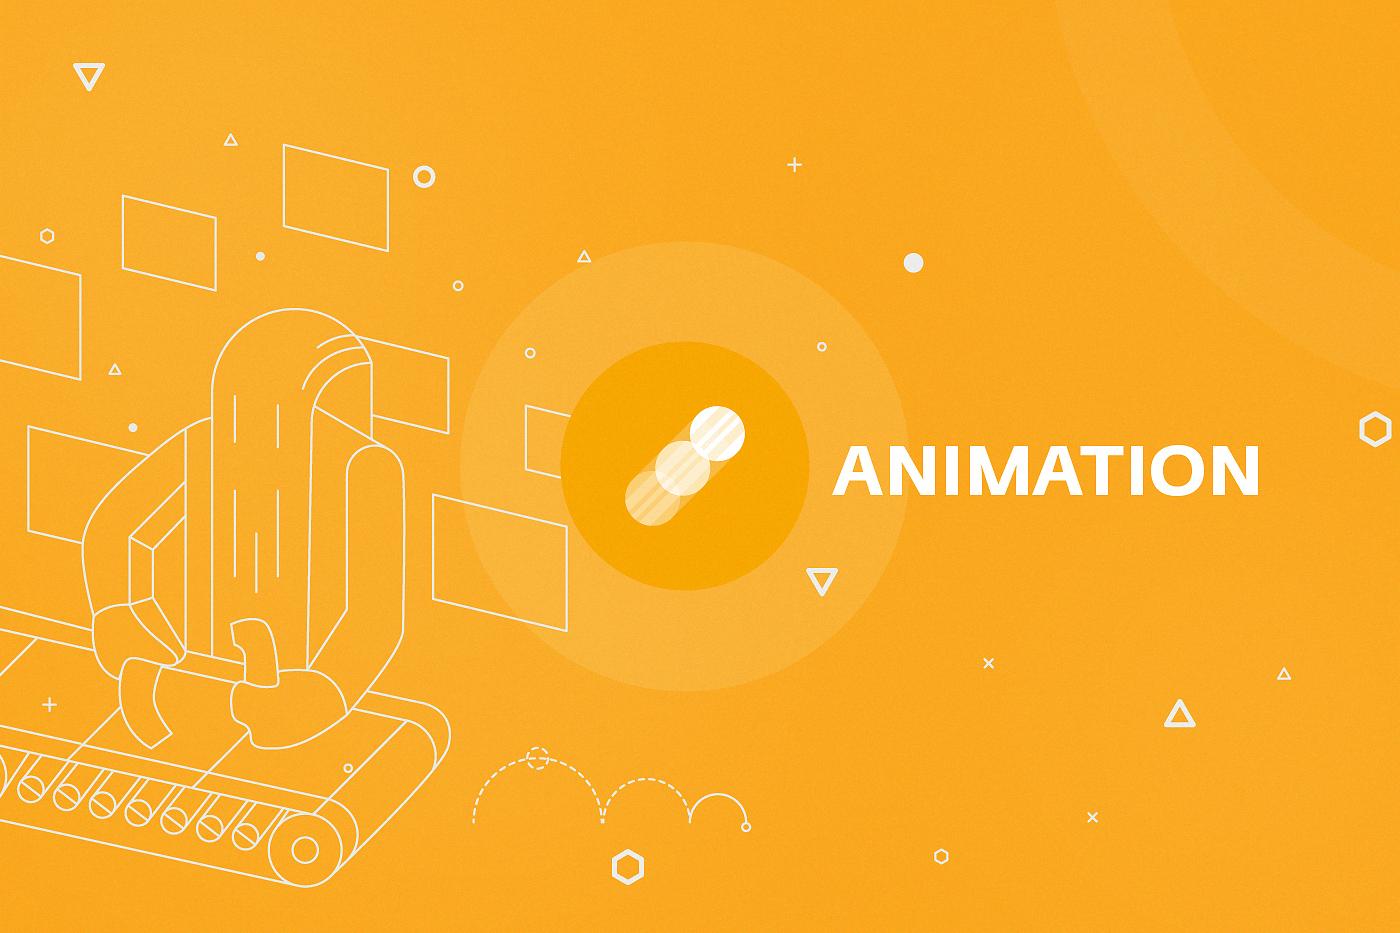 animation eng - Animation